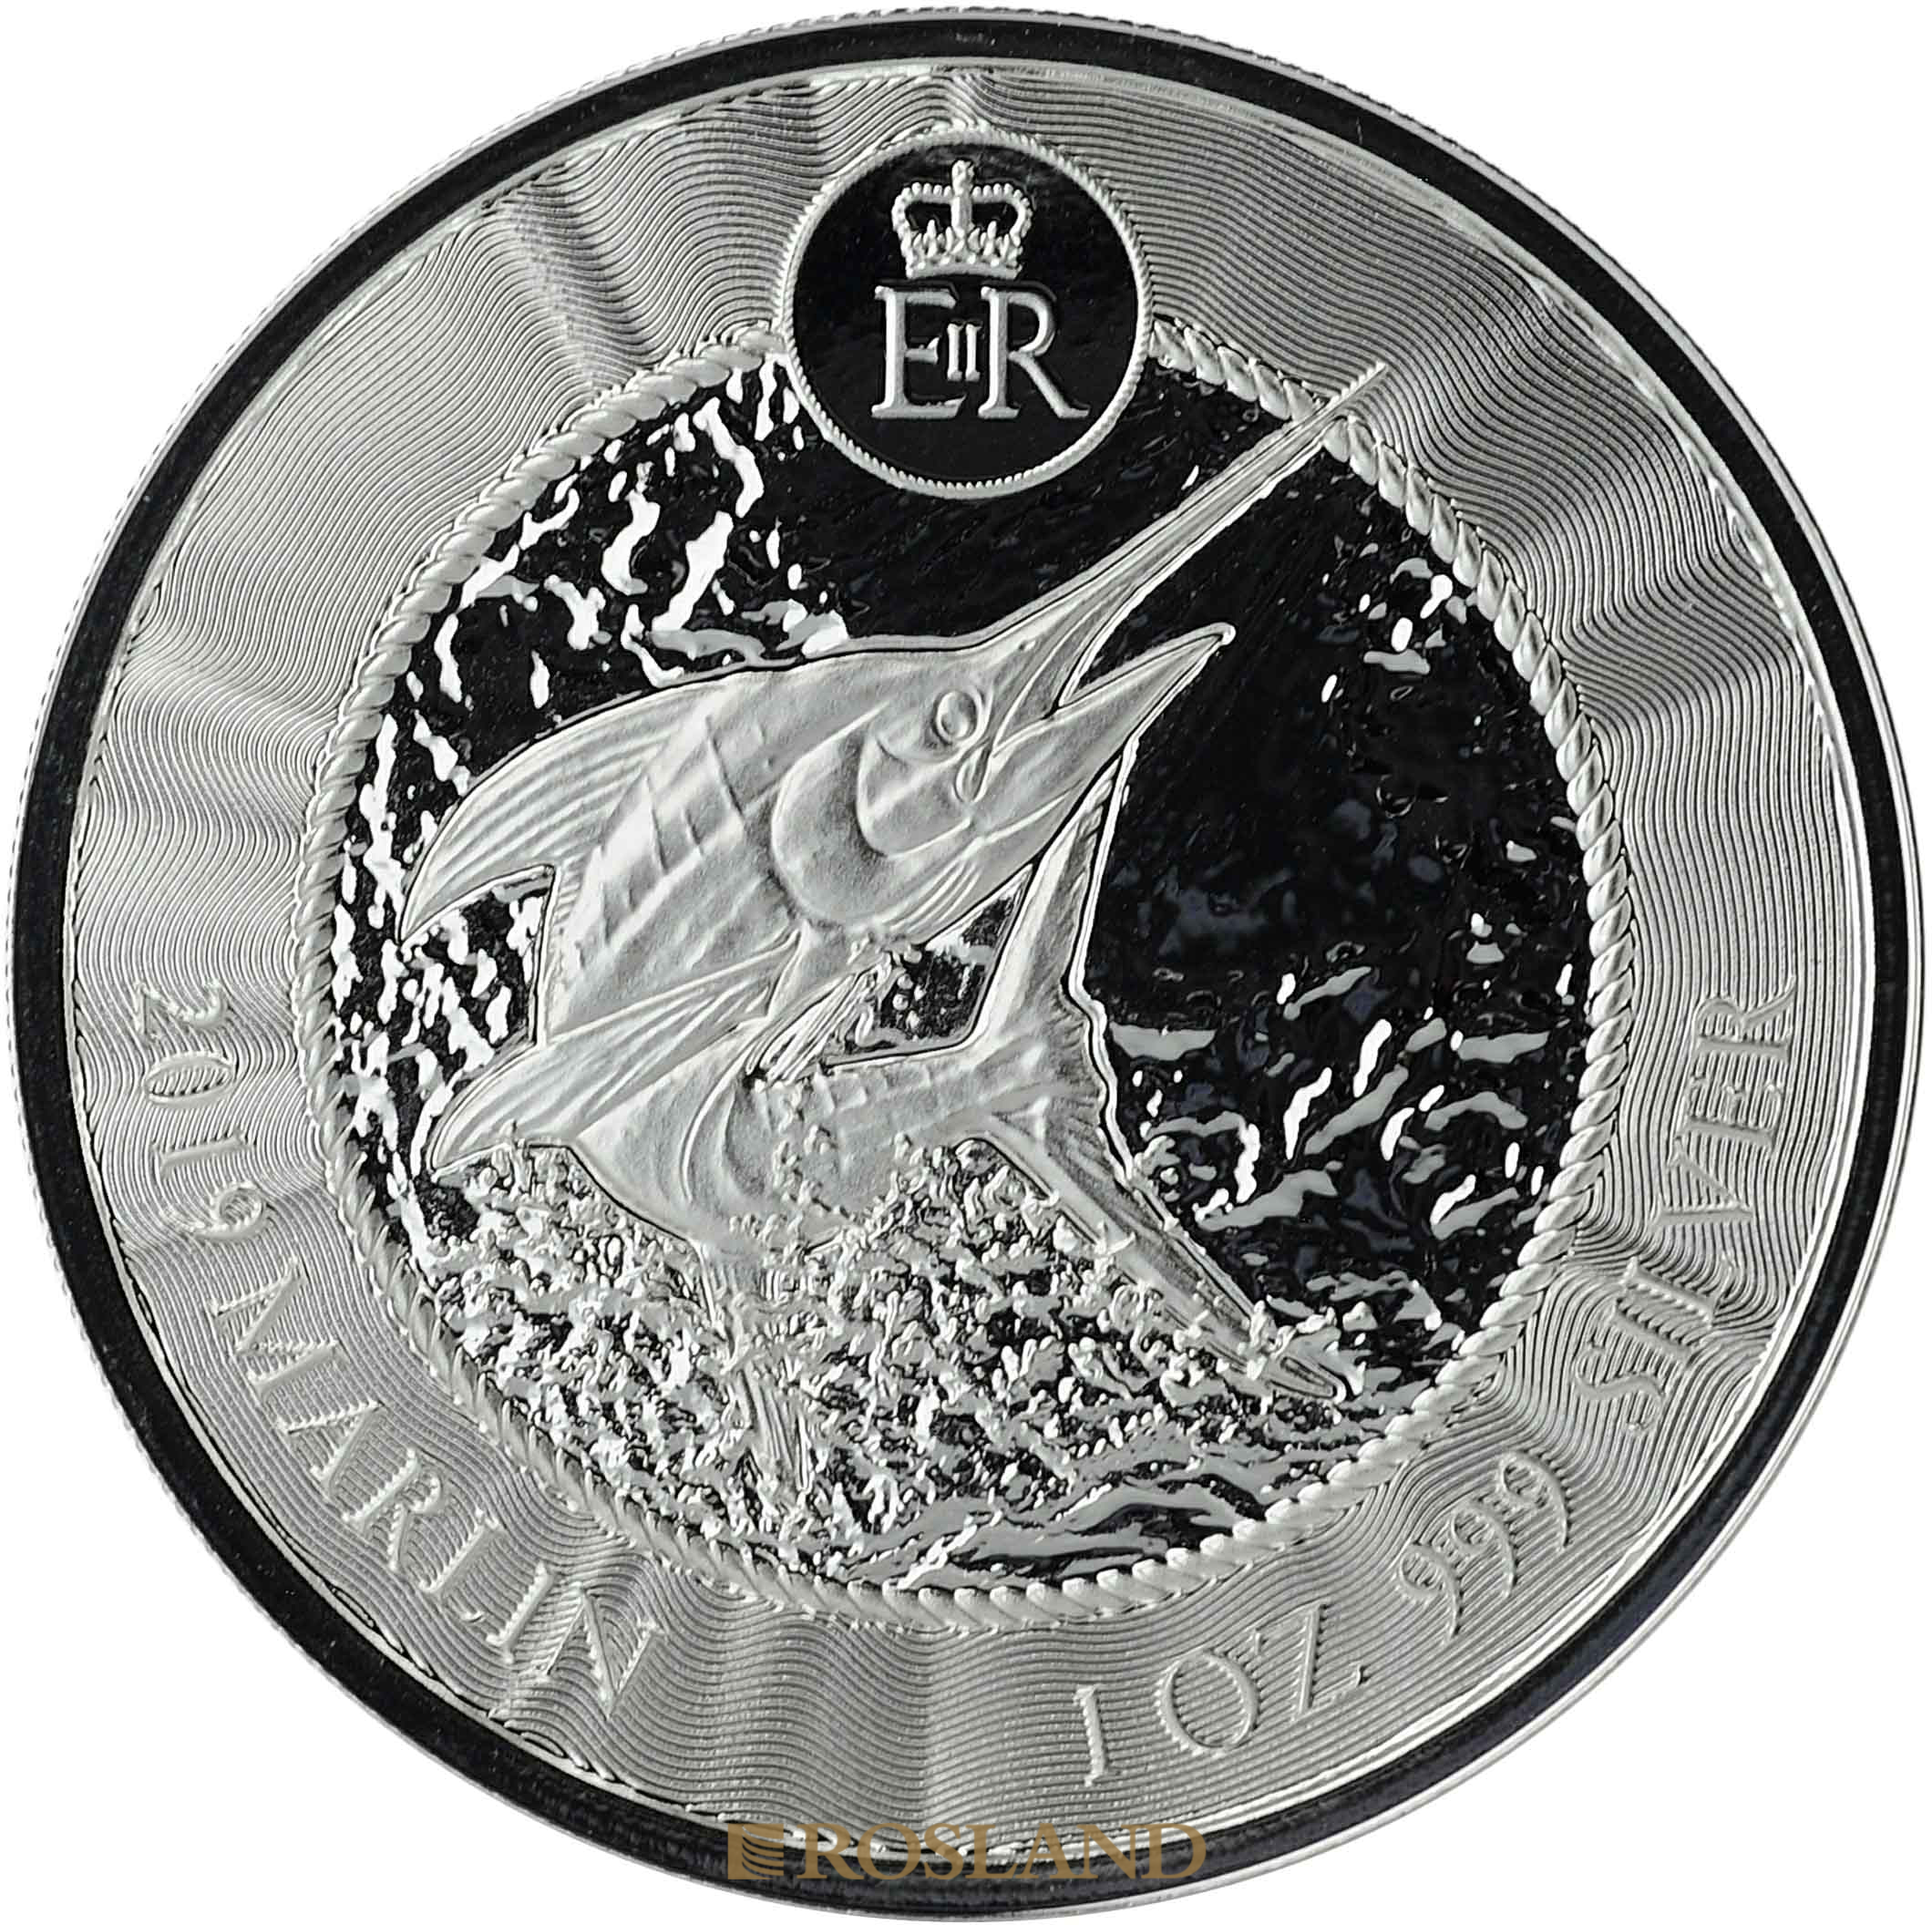 1 Unze Silbermünze Cayman Islands Marlin (Sperrfisch) 2019